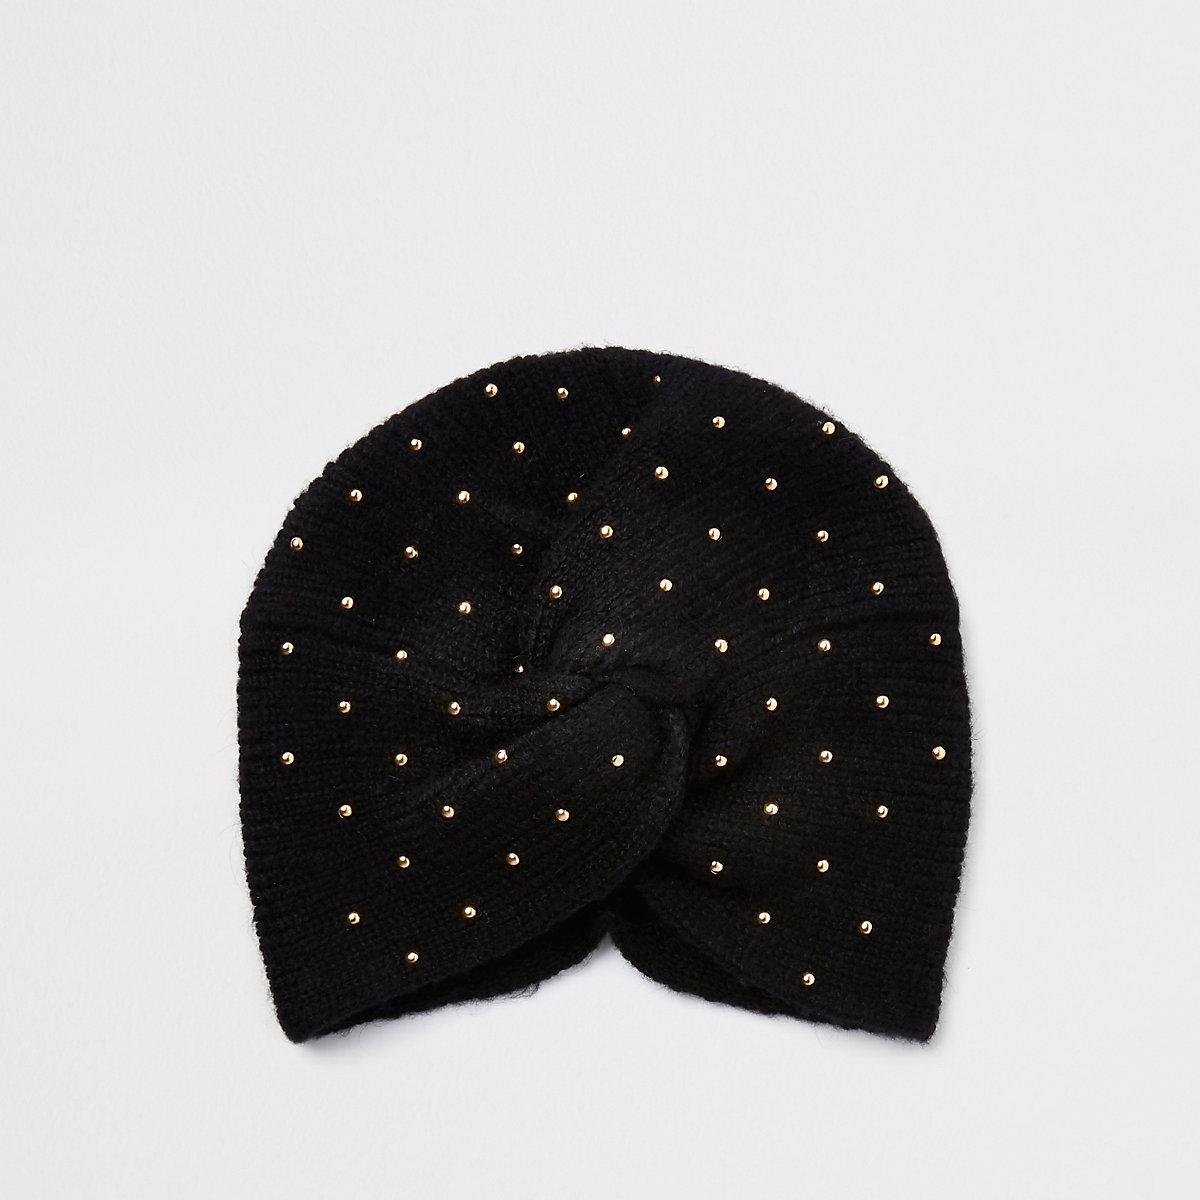 Zwarte gebreide hoofdband met studs